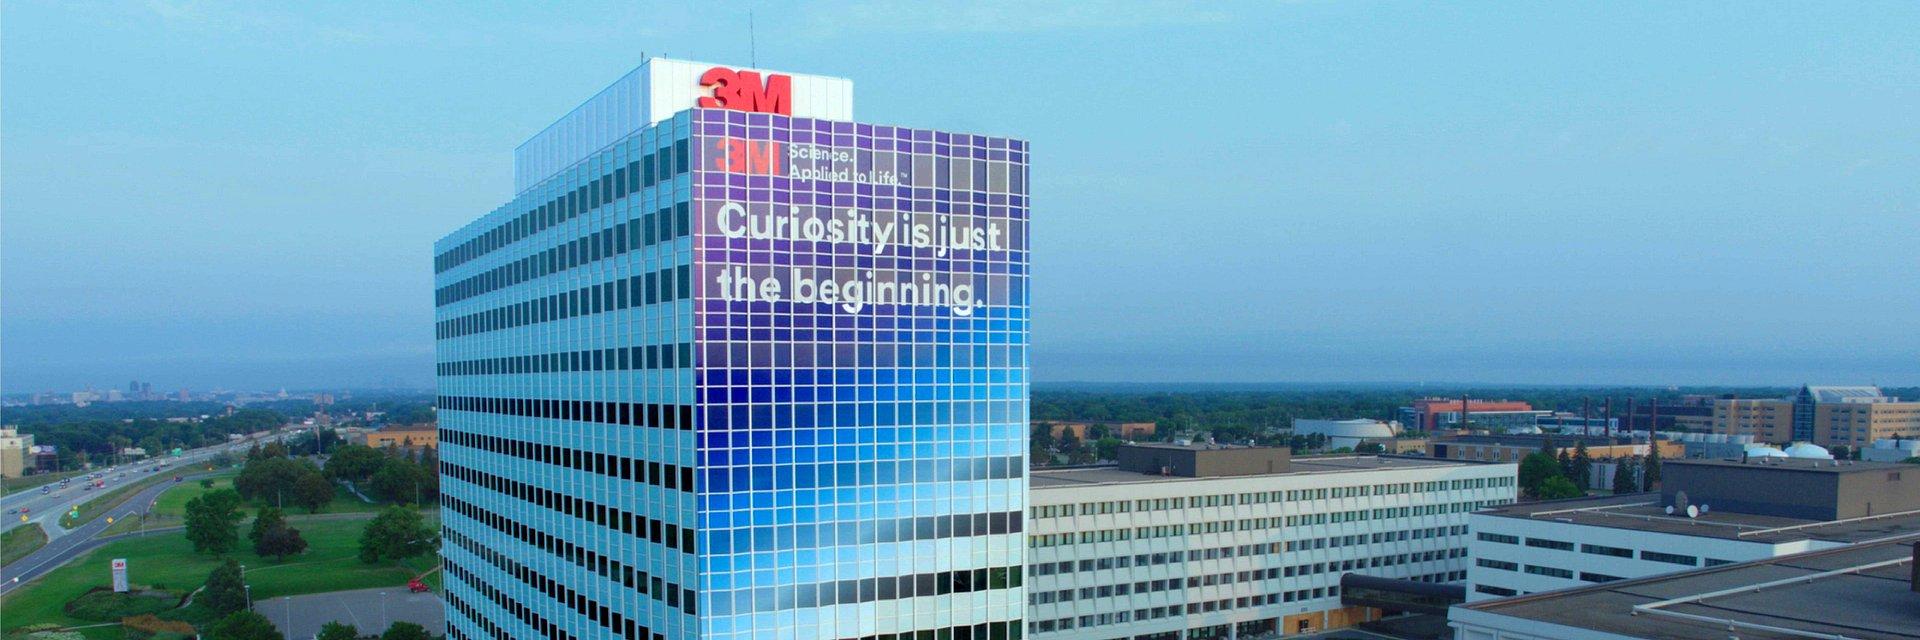 3M ogłasza wprowadzenie zmian w grupach biznesowych i na stanowiskach kierowniczych